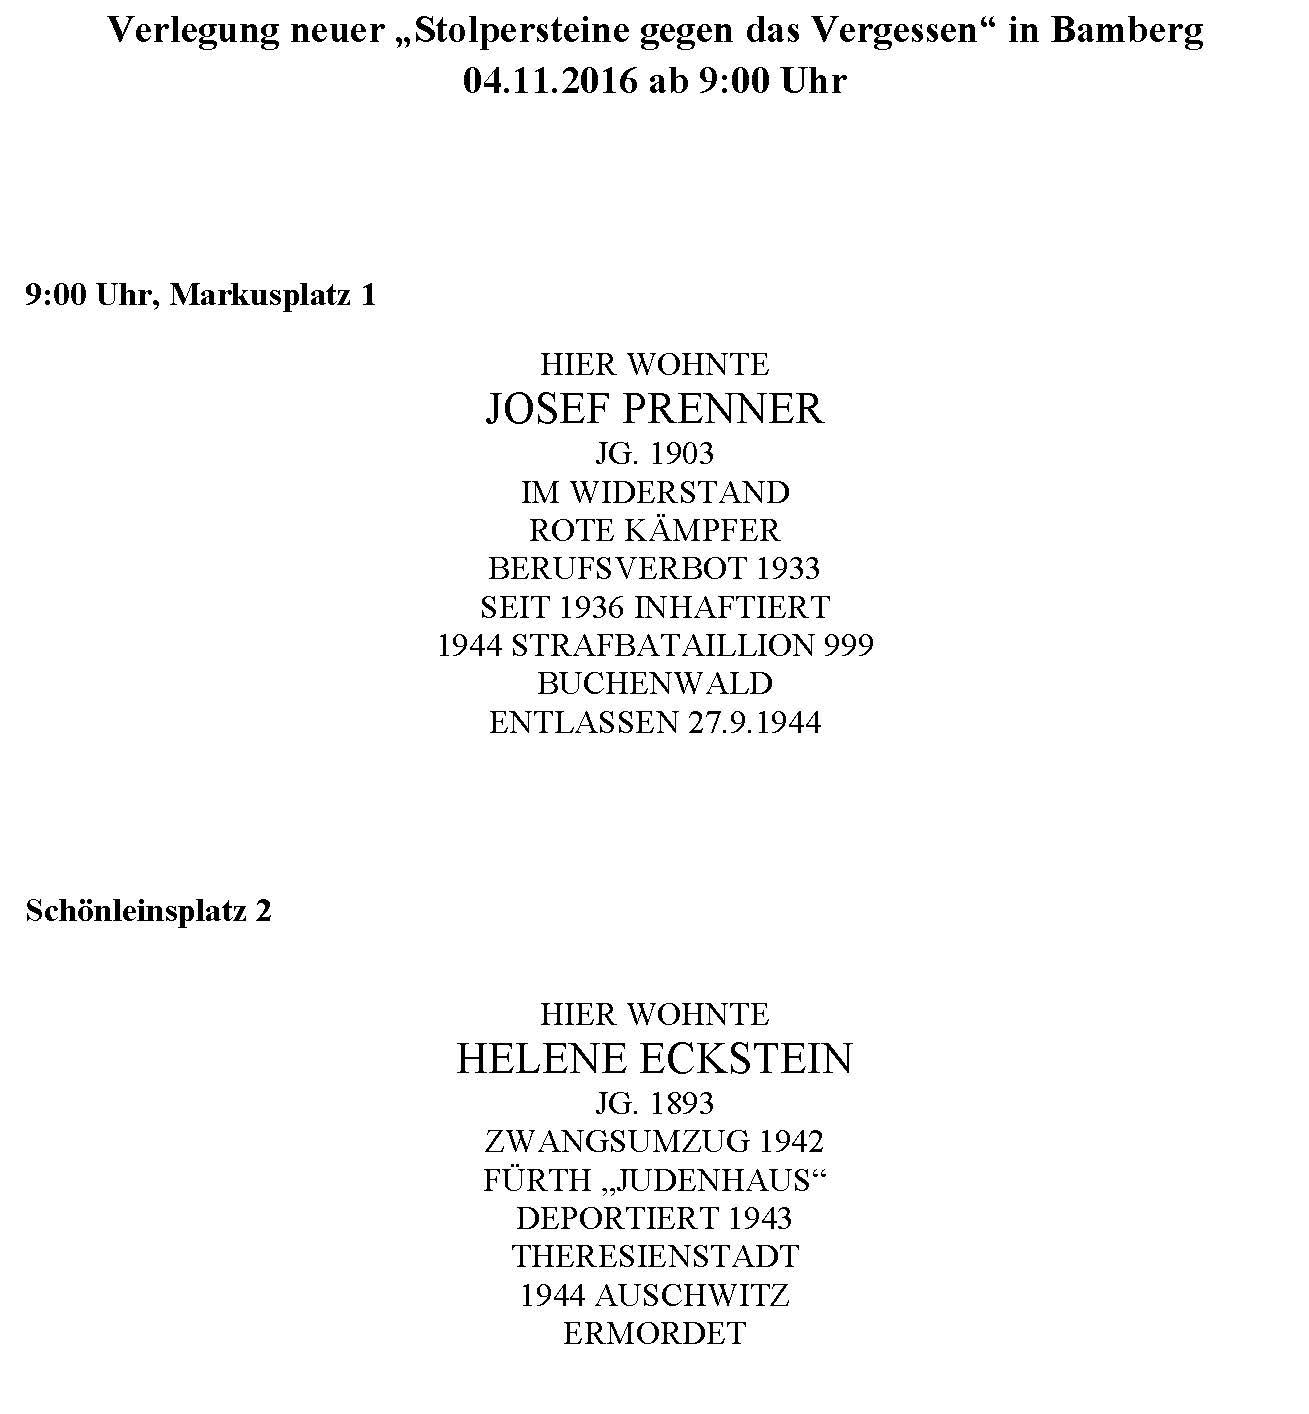 stolpersteine-bamberg-4-11-2016teil1